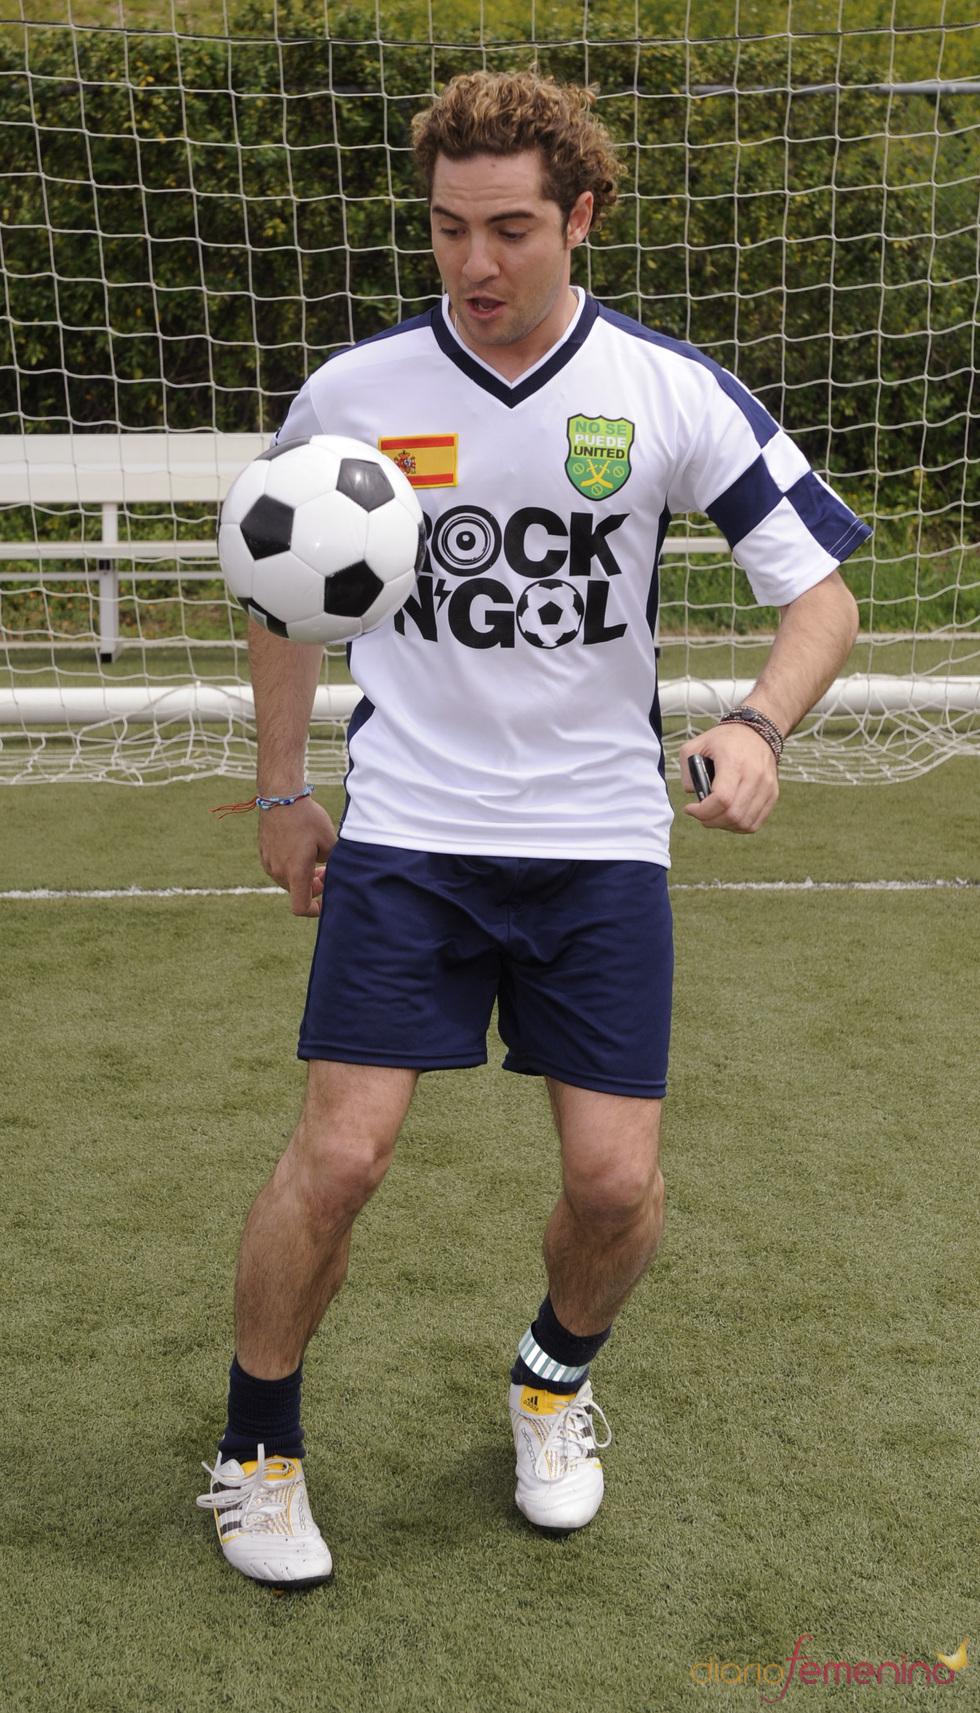 David Bisbal y su afición por el fútbol